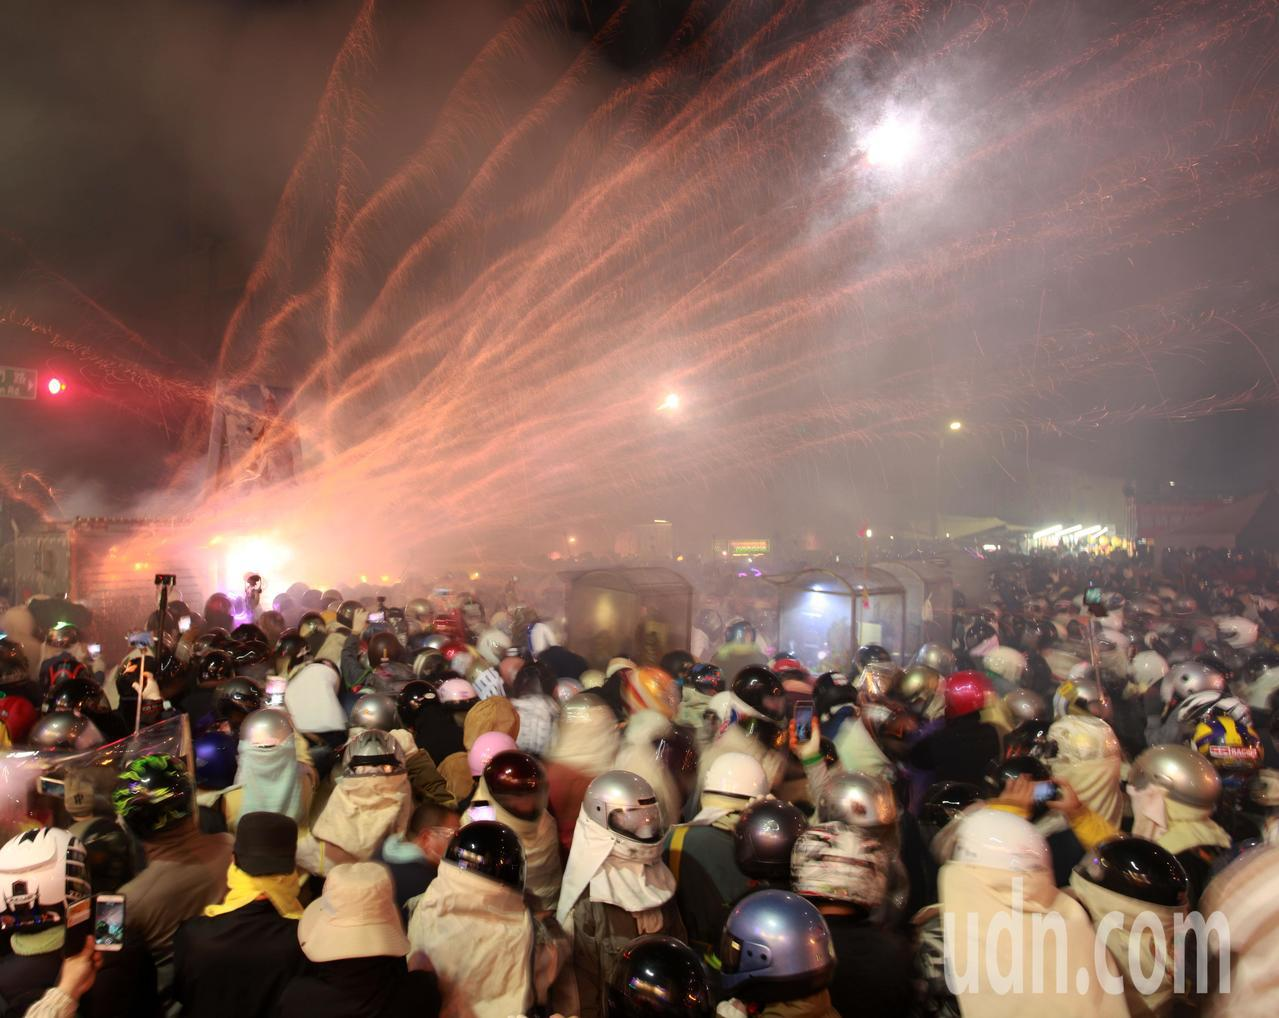 台南鹽水蜂炮今晚震撼登場,估計有近十萬人潮在傍晚陸續湧入,感受「蜂狂小鎮」的獨特...